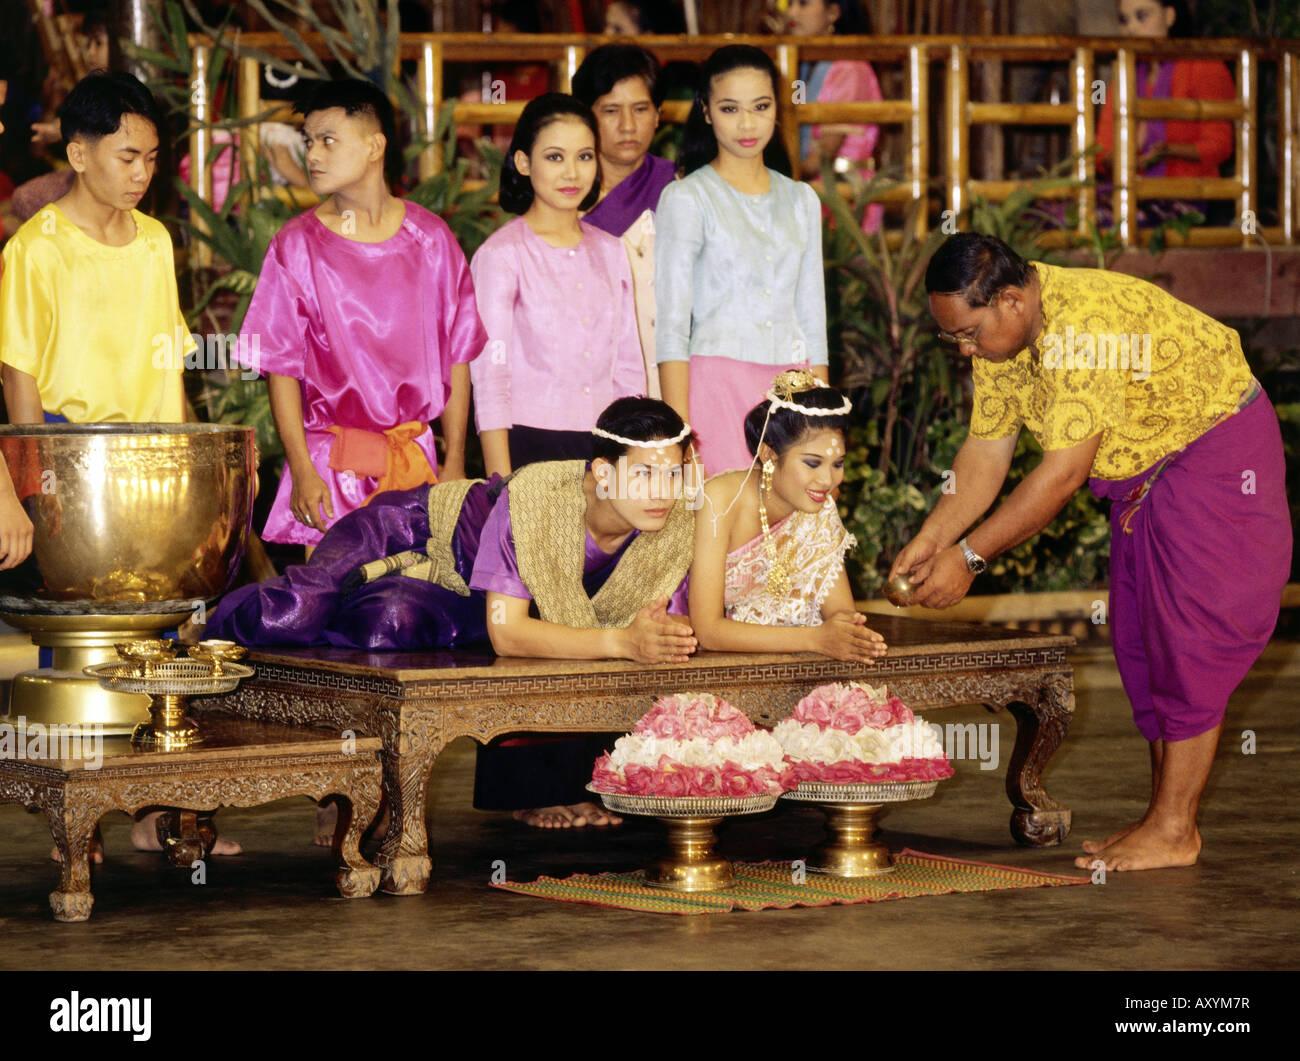 Bangkok Rose Stock Photos & Bangkok Rose Stock Images - Alamy